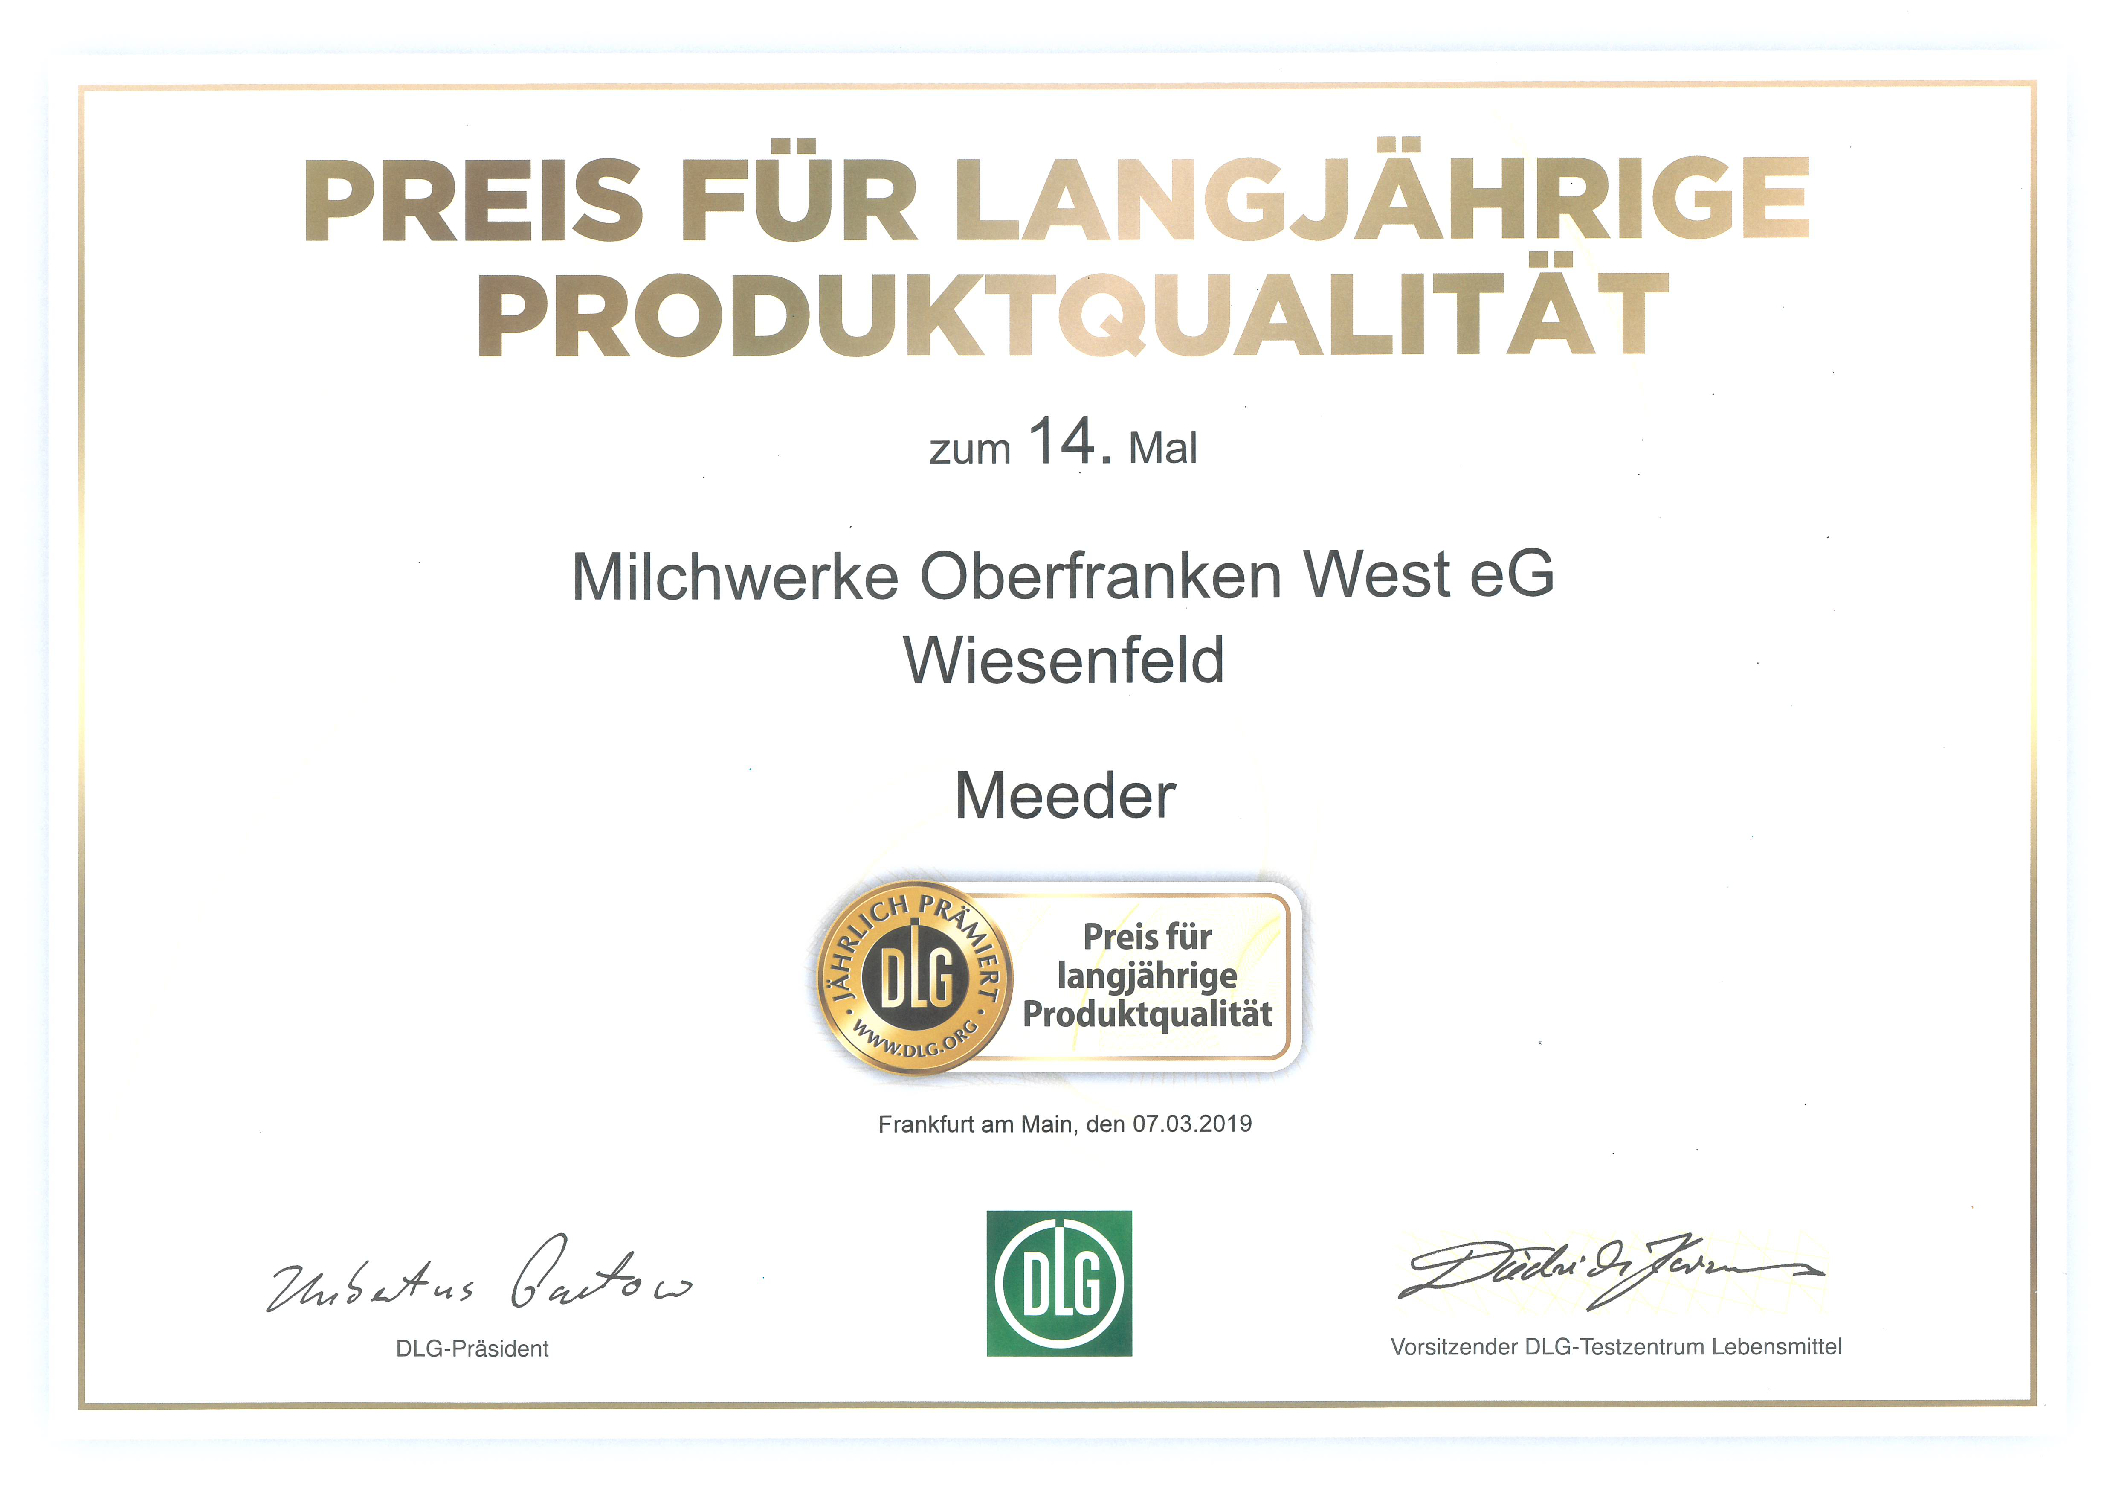 Milchwerke Oberfranken West aus Meeder erhält Preis für langjährige Produktqualität